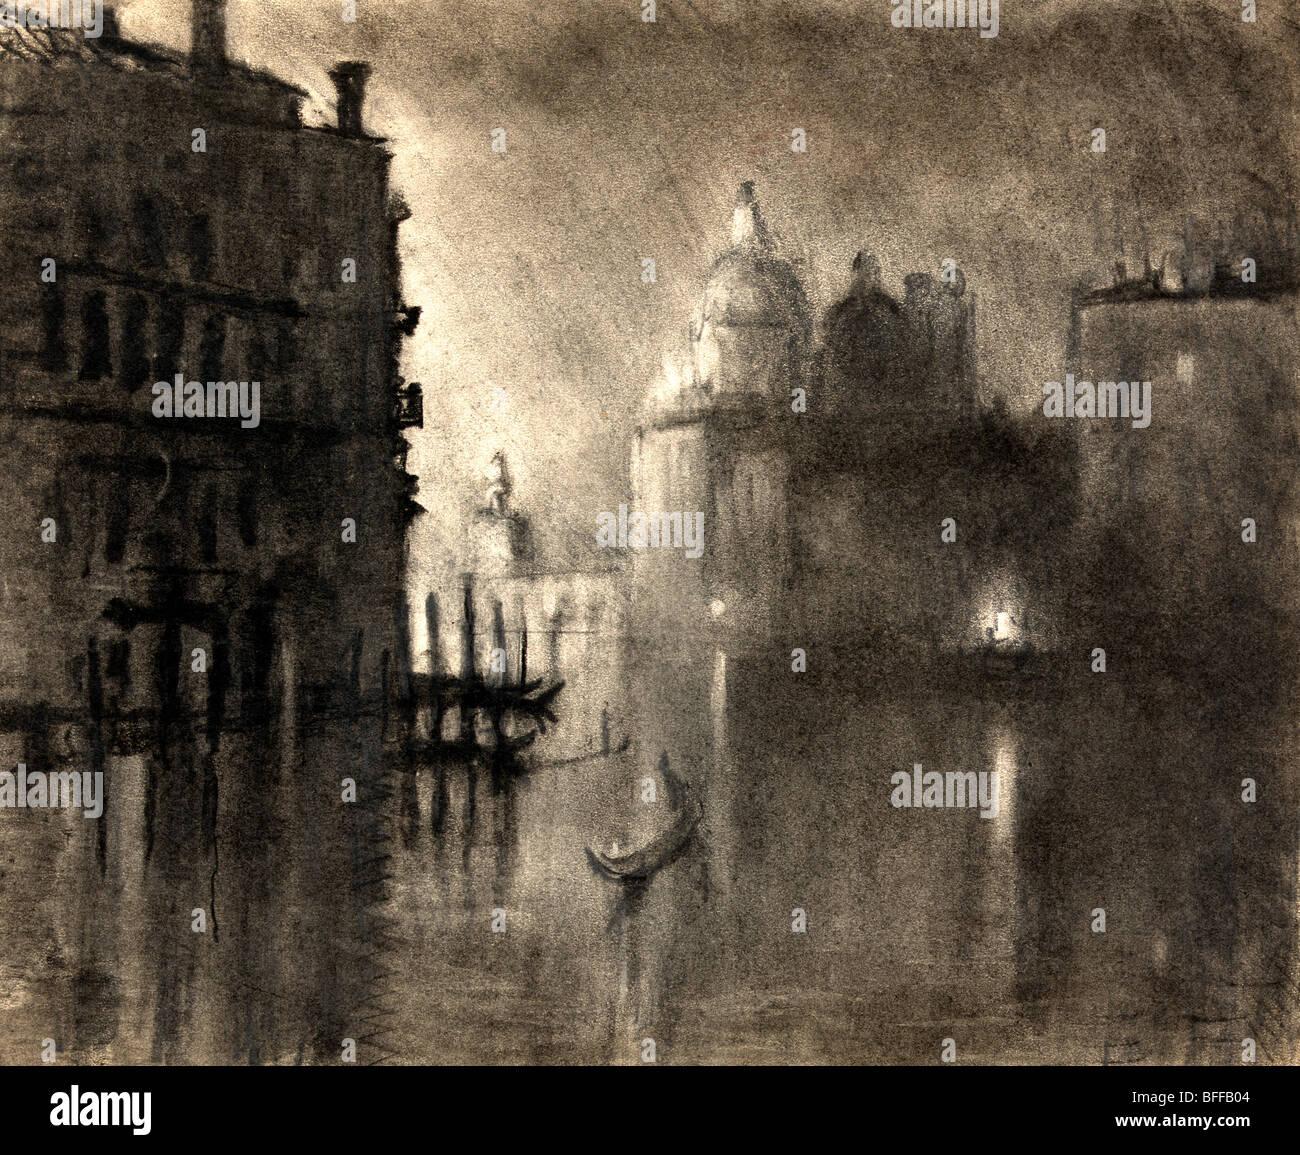 La salutiamo da Grand Canal, Venezia - carboncino e pastello, circa 1905 Immagini Stock